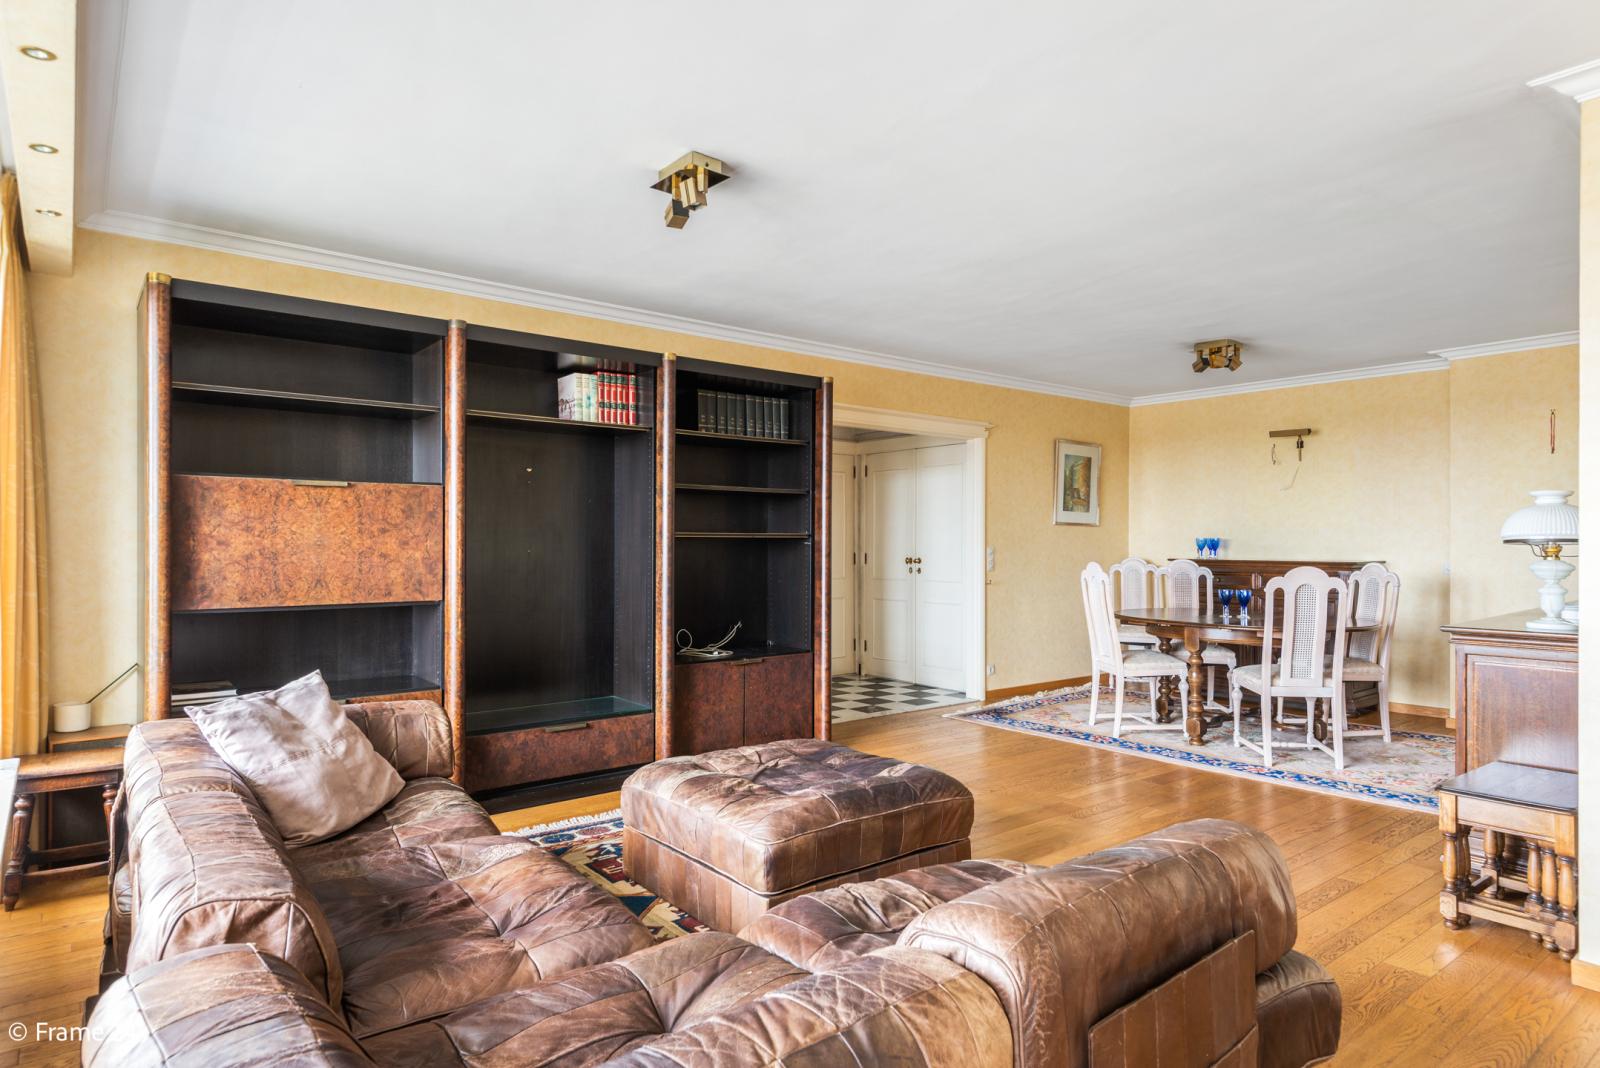 Appartement met 3 slaapkamers op gunstige locatie in Berchem. afbeelding 5